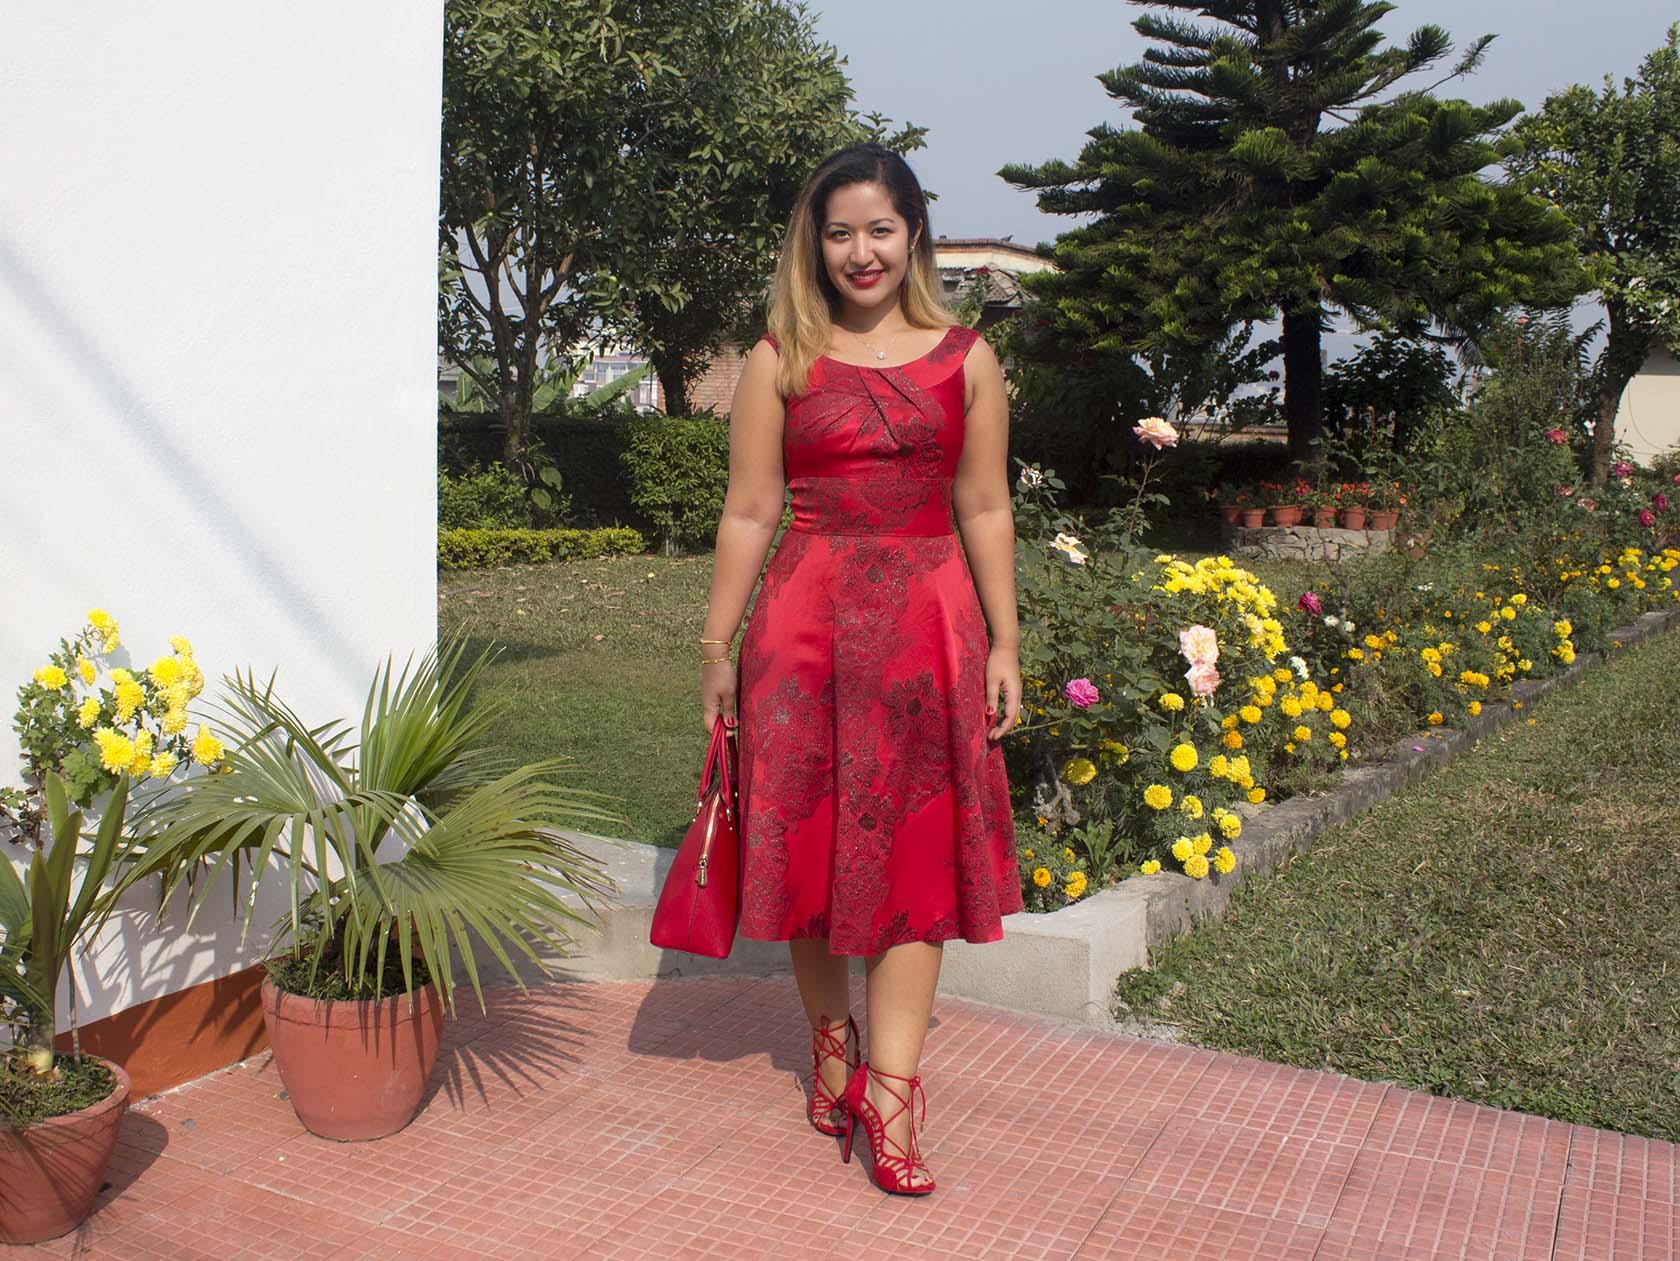 Red Dress_xmas_1.jpg